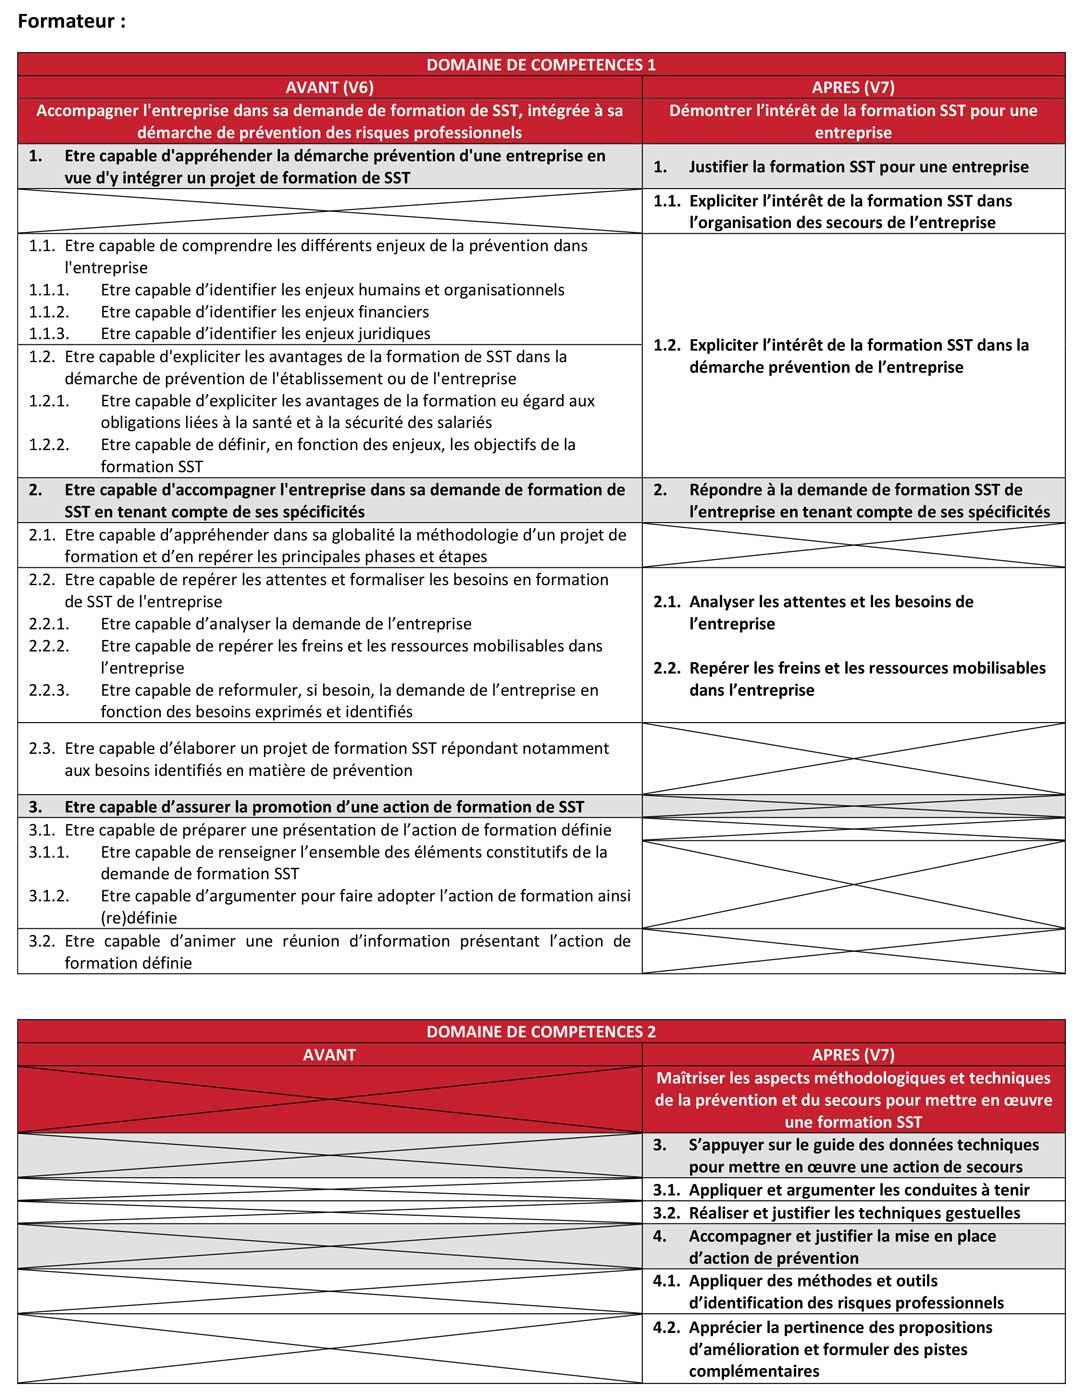 Principales modifications du document de référence SST Passage de la V6 - 21/12/2018 à la V7 - 01/2020